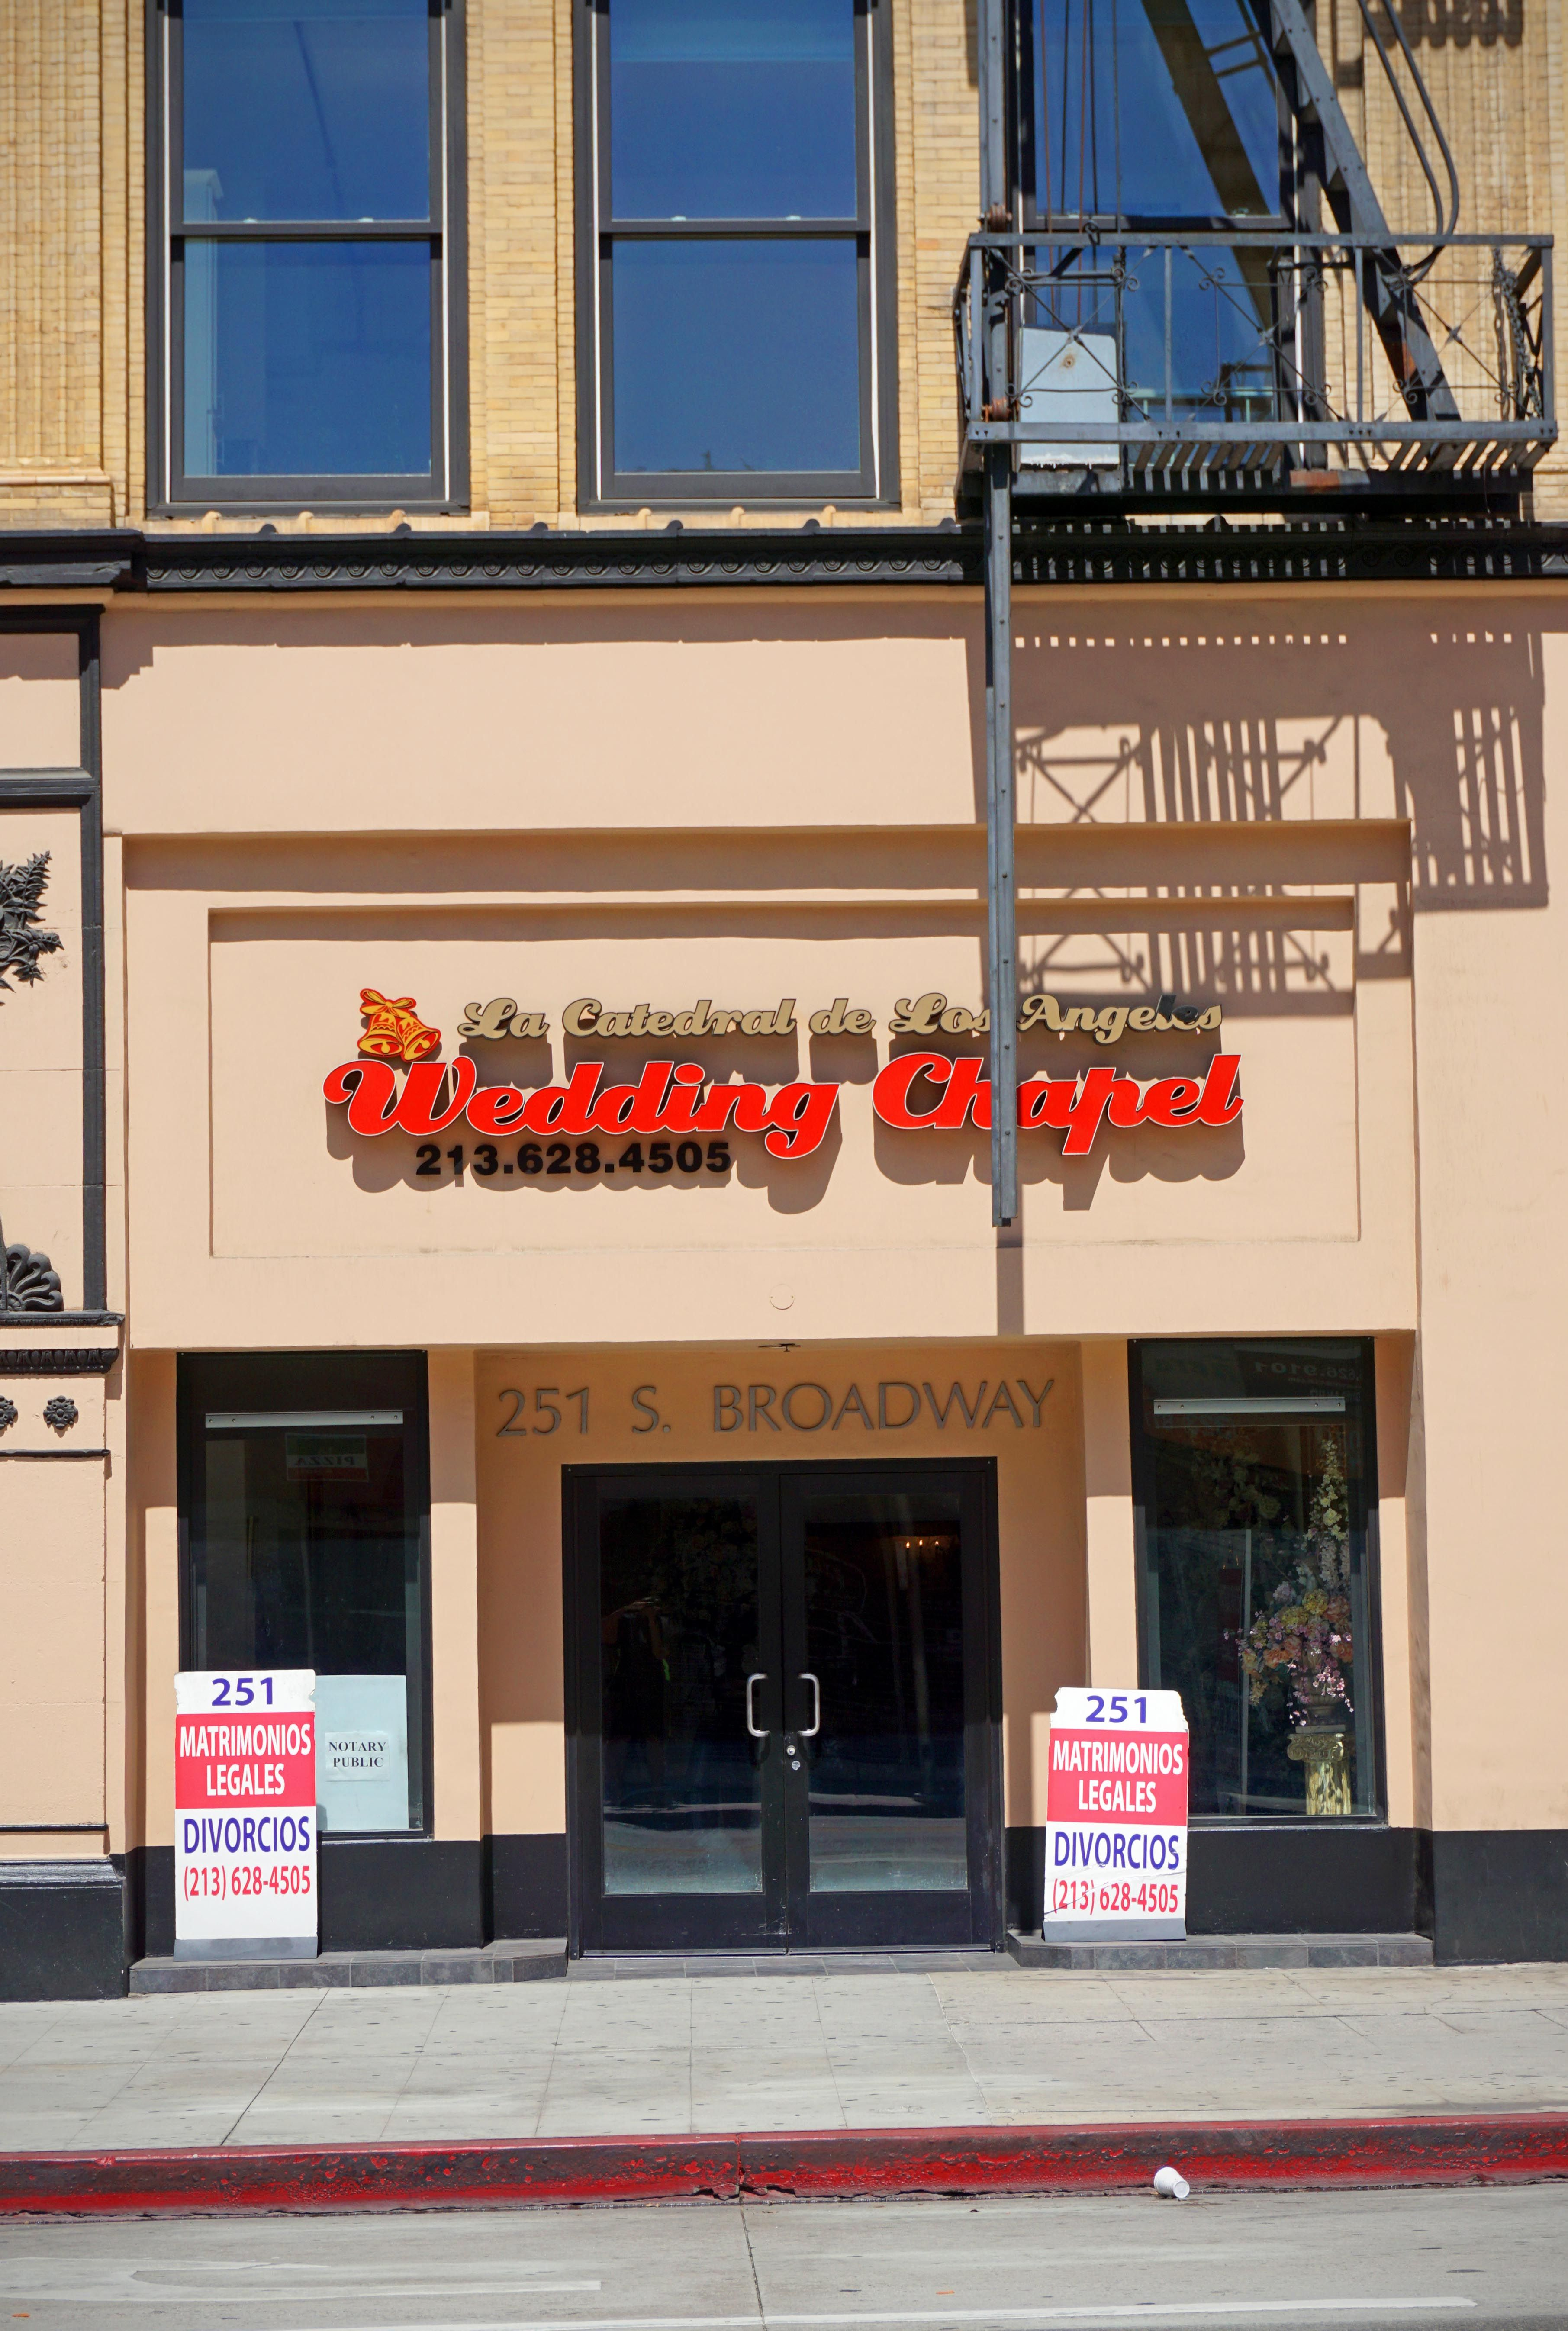 La Catedral De Los Angeles Wedding Chapel Wedding Chapels Wedding Los Angeles Downtown Los Angeles Coastal Cities